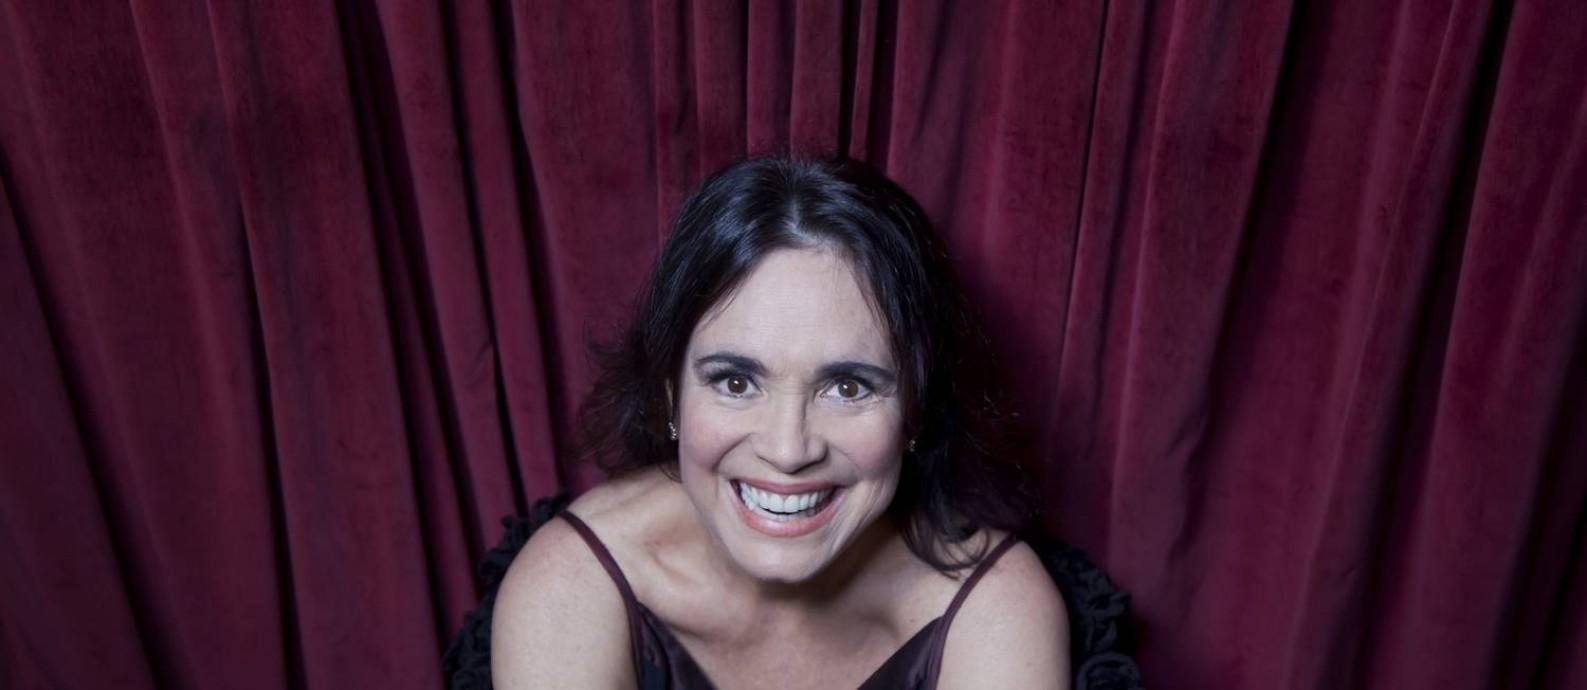 """Regina Duarte no CCBB: """"Tenho um lado careta que funciona na TV. No teatro costumo romper com o bom senso"""" Foto: Mônica Imbuzeiro / Agência O GLOBO"""